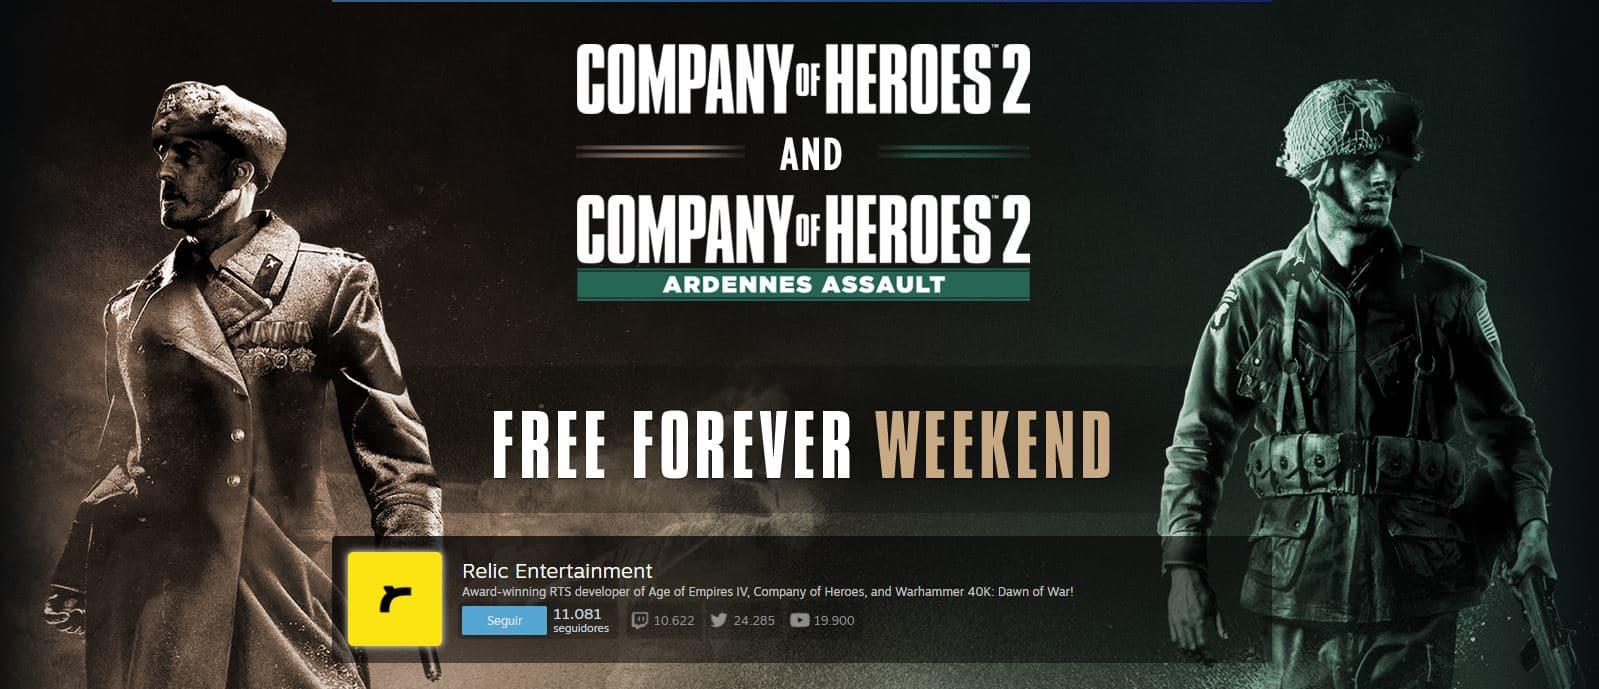 Salva el día descargando el Company of Heroes 2 gratis desde Steam